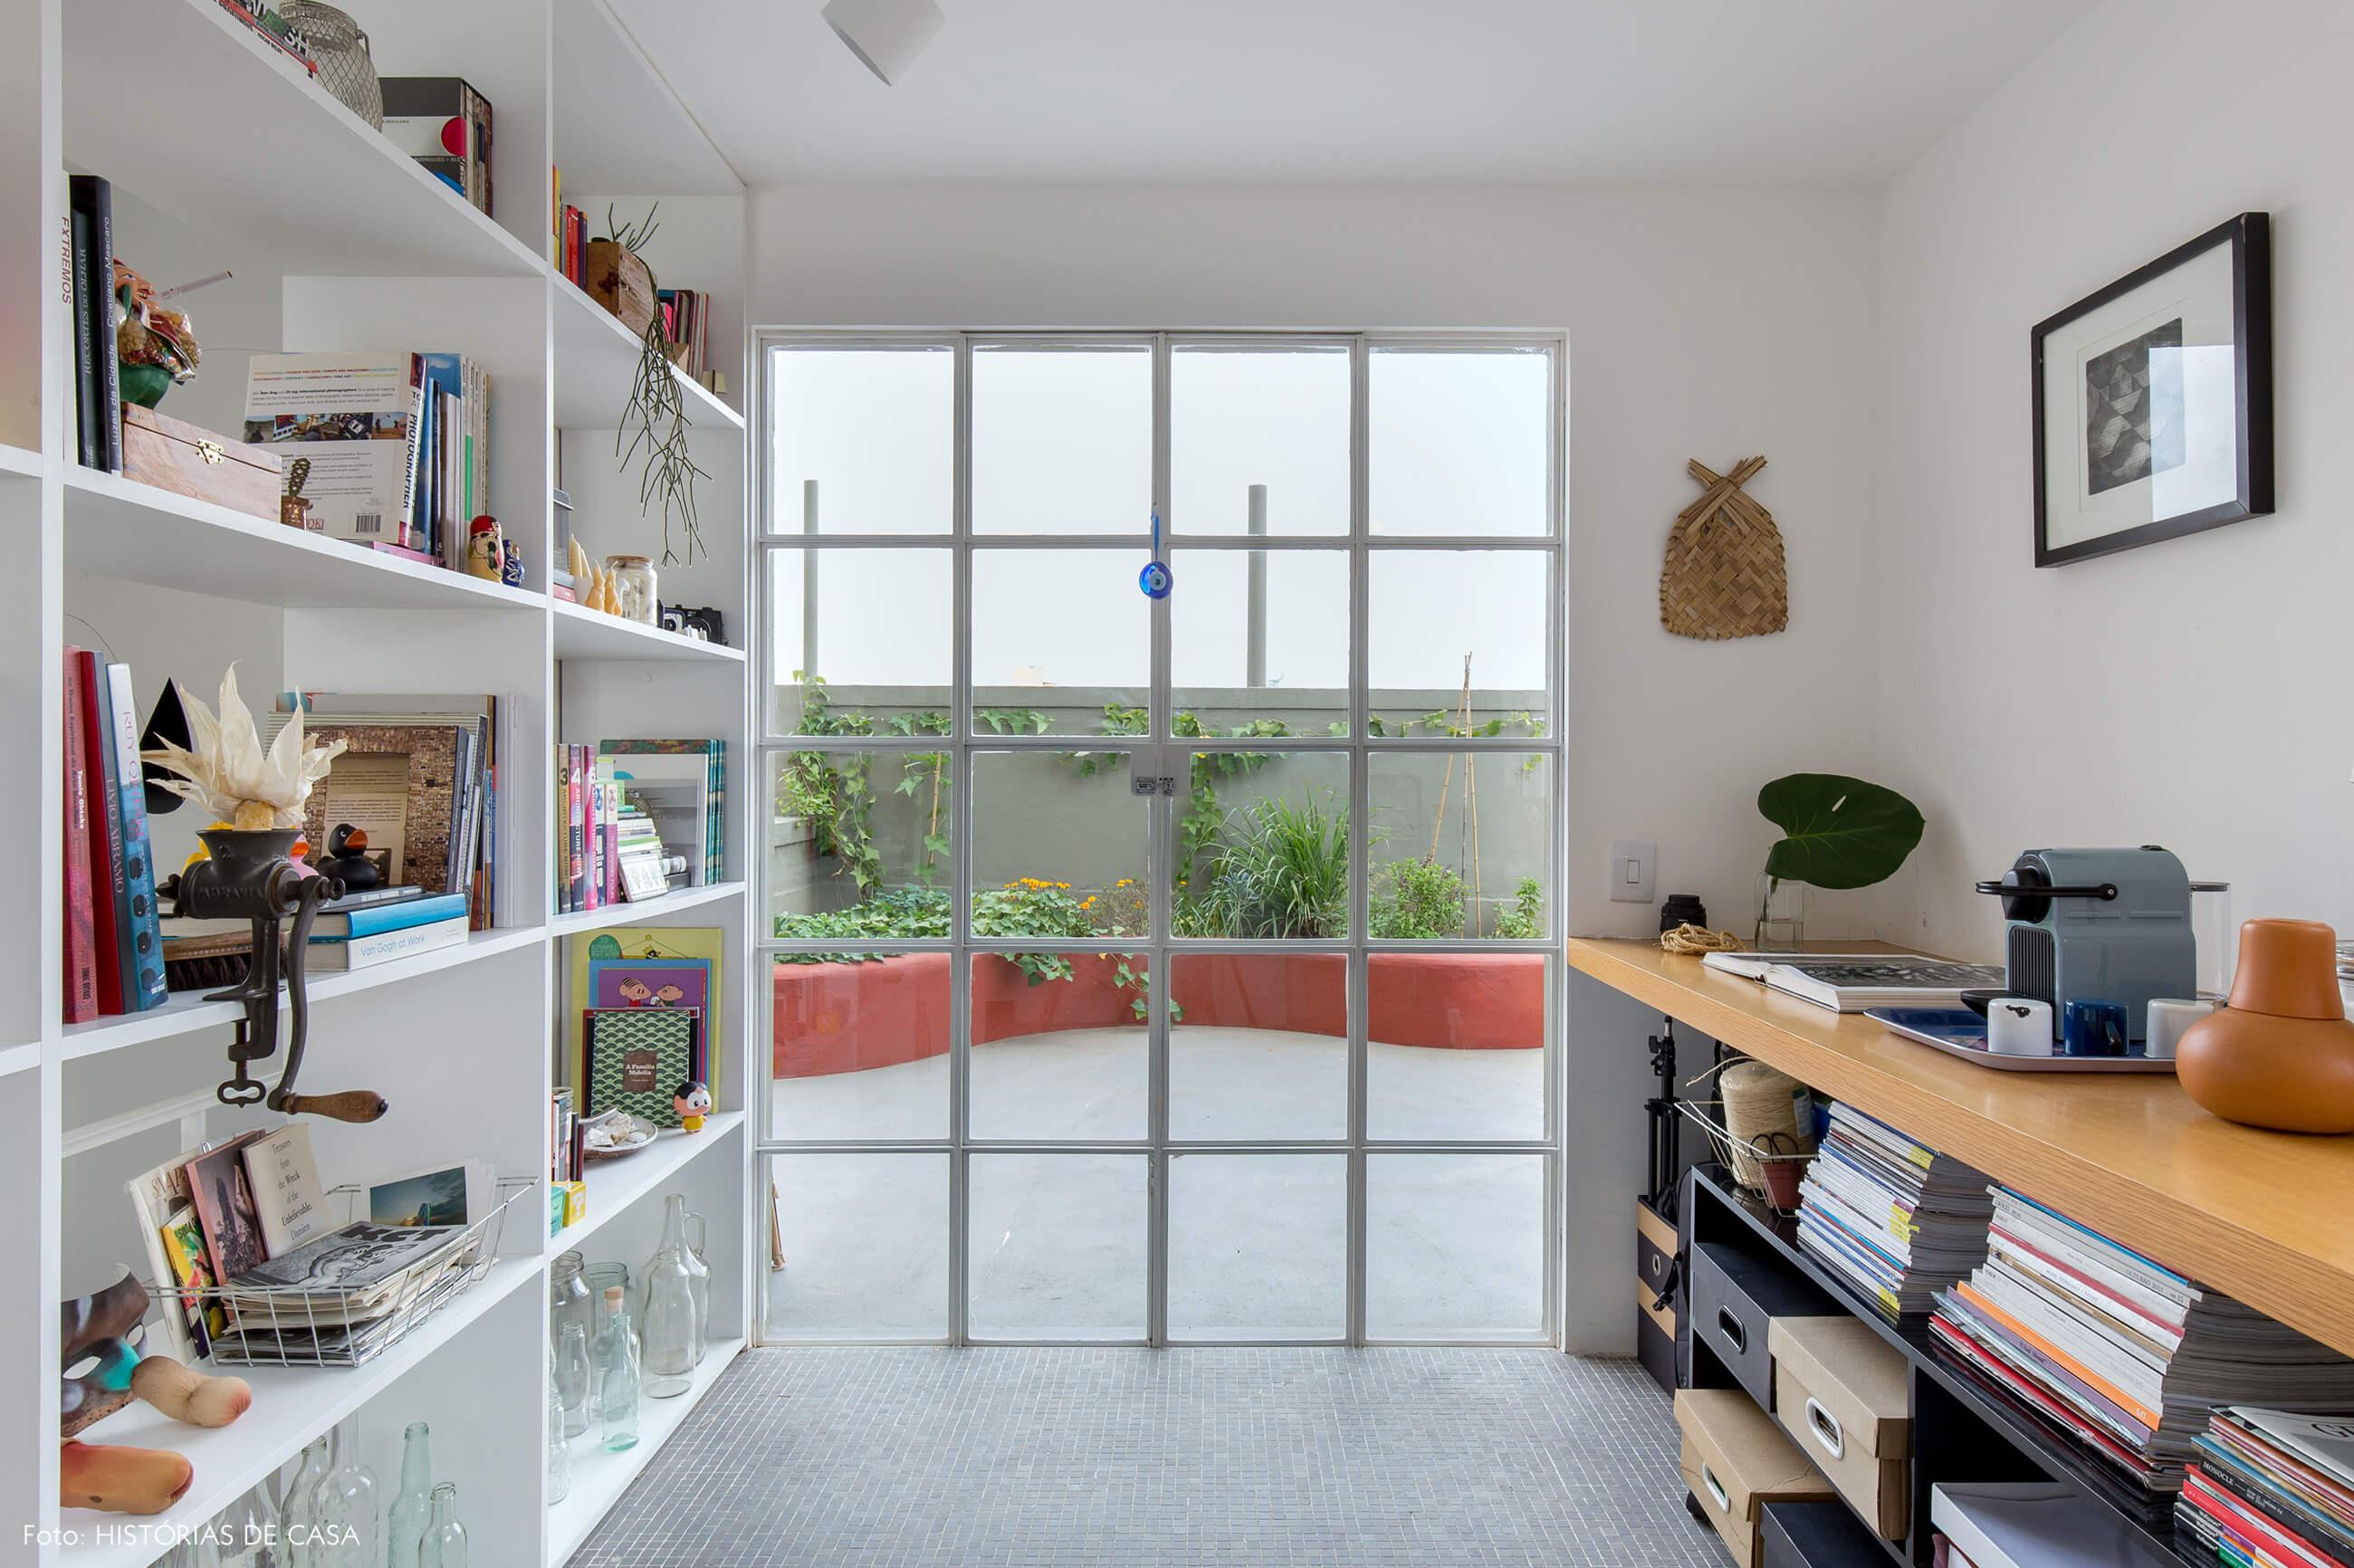 Apartamento com varanda na cobertura e portas de serralheria brancas